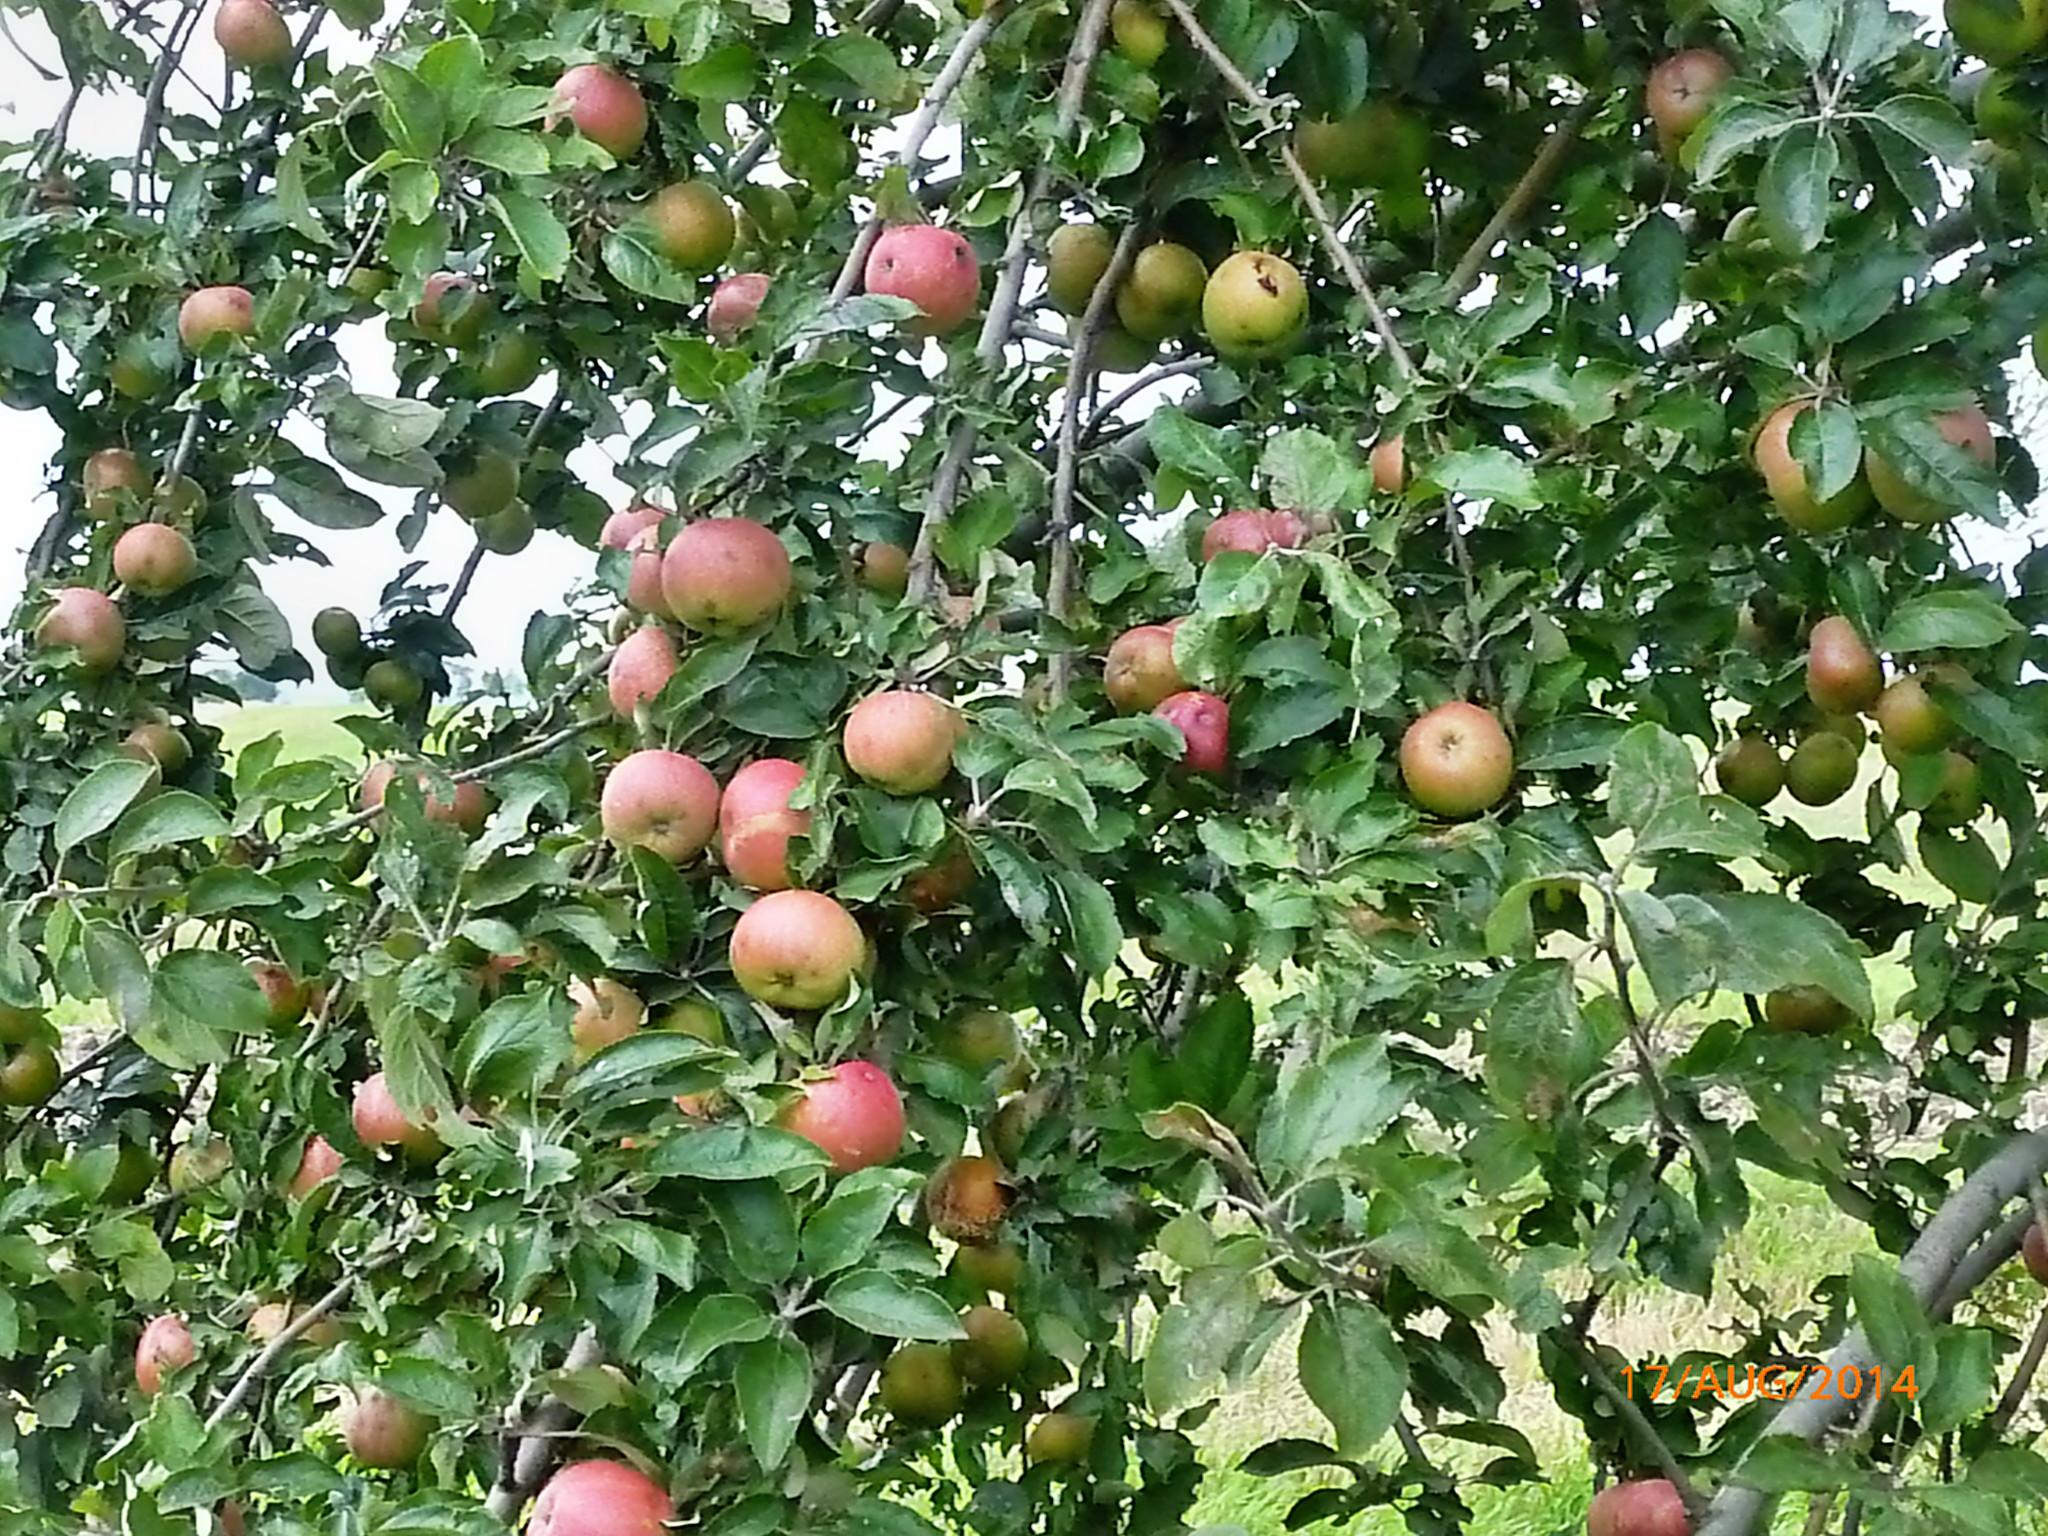 Obst vom Wegesrand-17.8.14   (18)